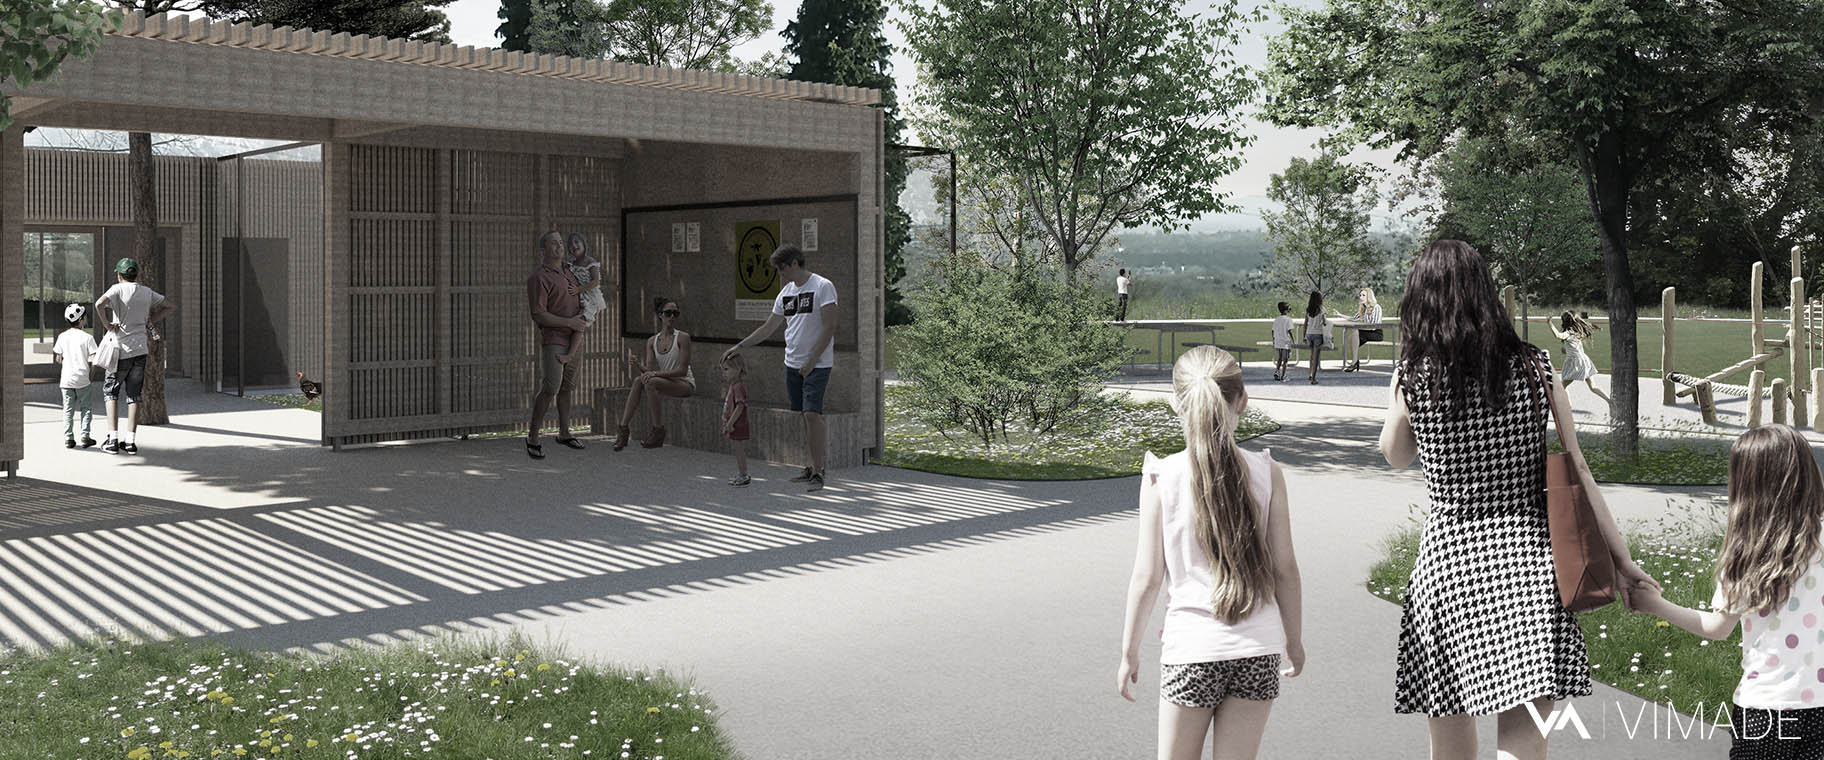 Perspective de l'entrée du parc animalier de l'Esplanade à Vernier s'ouvrant sur le paysage du Rhône par le bureau VIMADE Architectes paysagistes à Genève.